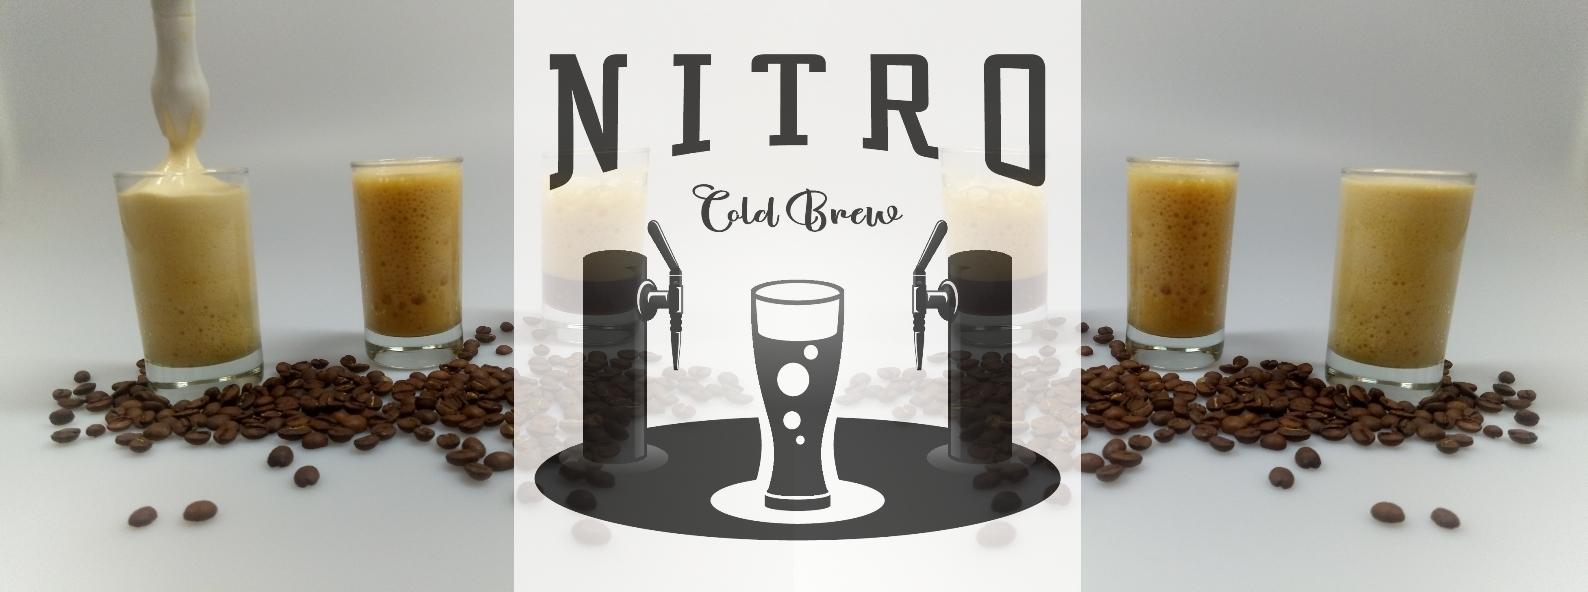 4 Gläser mit Nitro Cold Brew Coffee